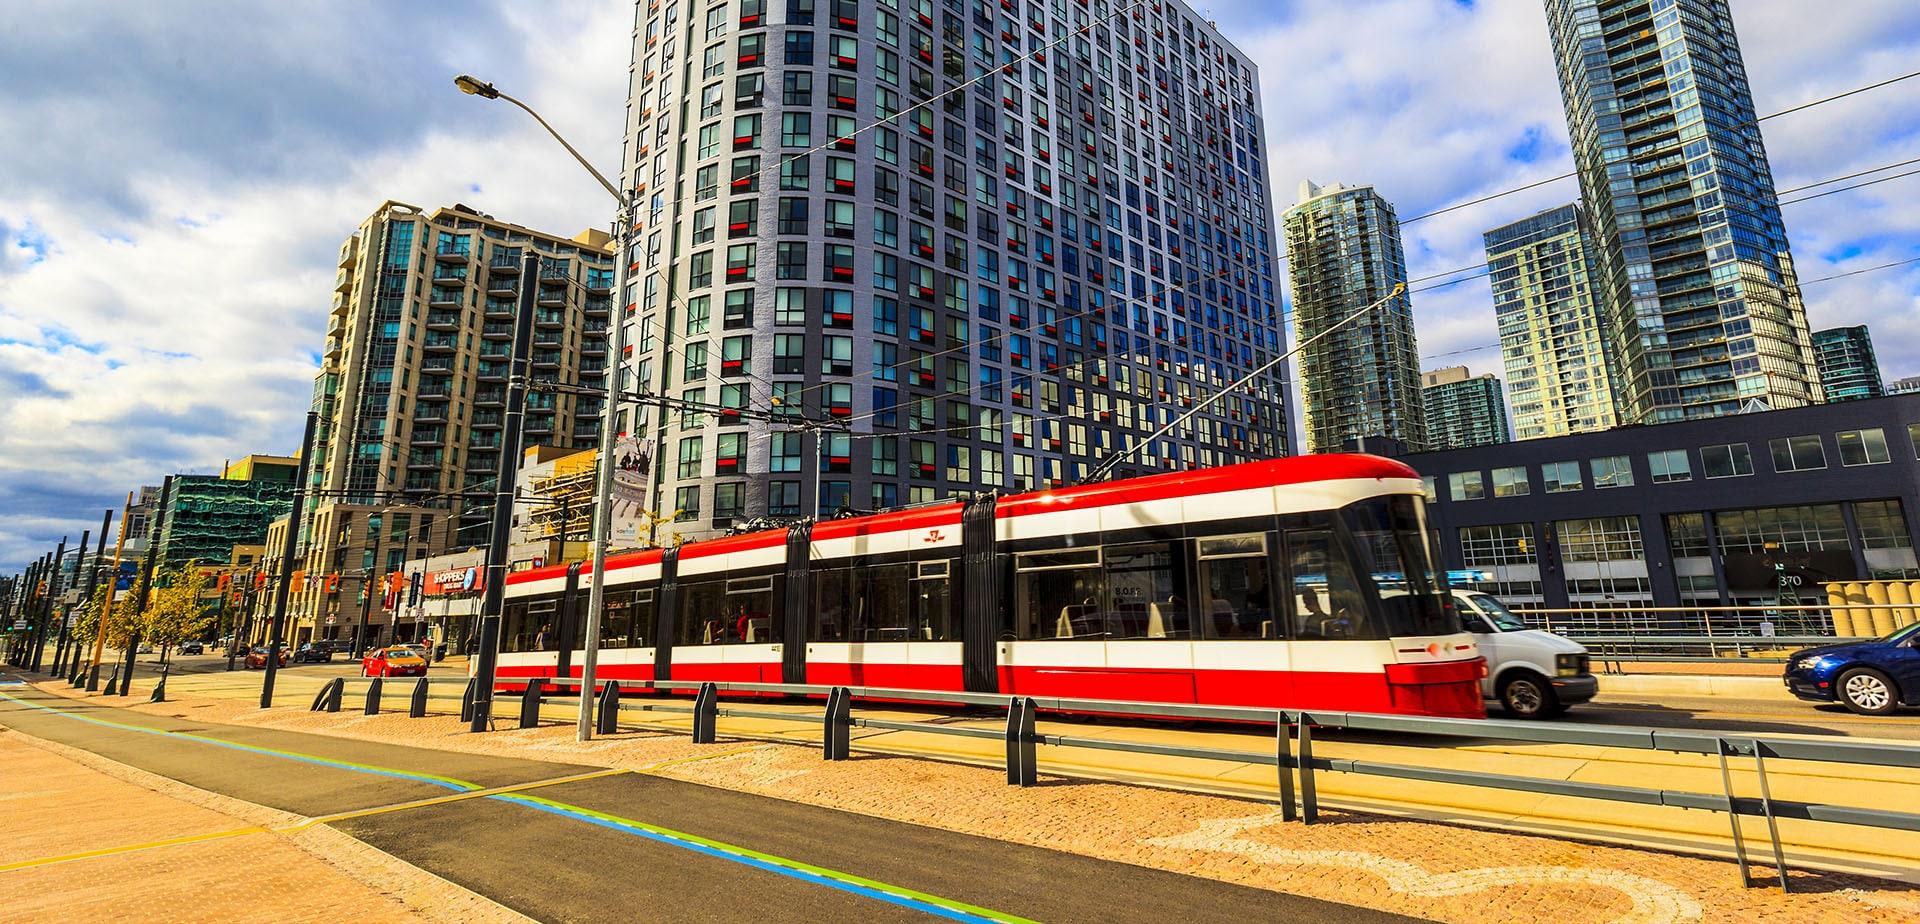 виды городов канады